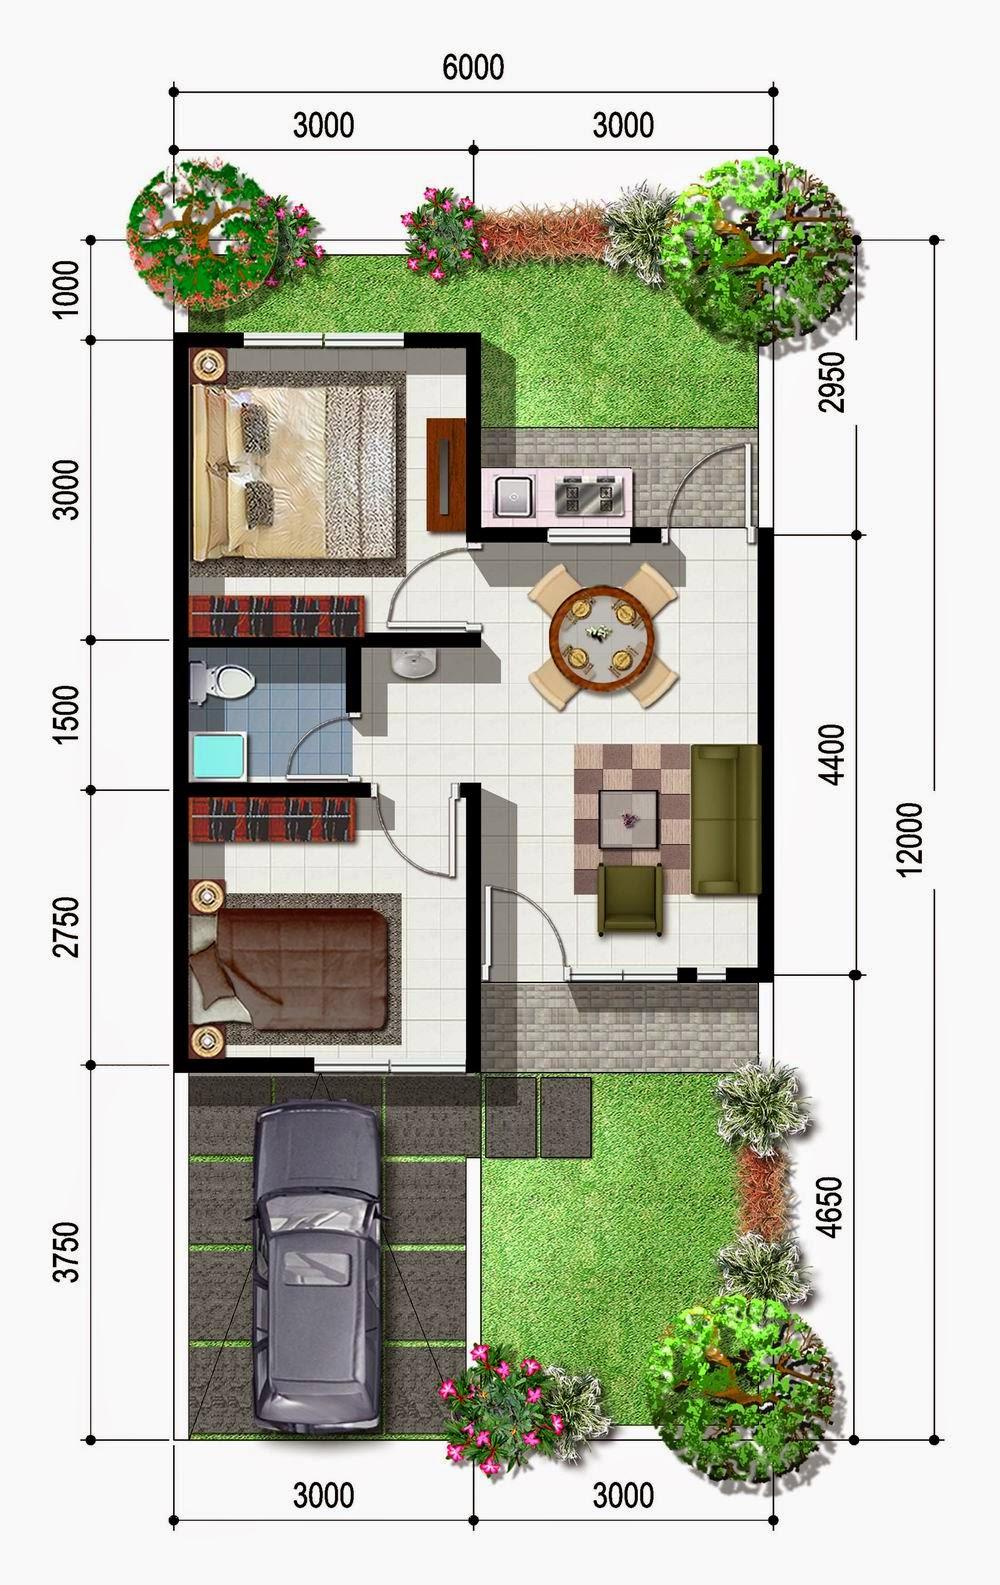 69 Desain Rumah Minimalis Type 21 Desain Rumah Minimalis Terbaru Seon One Stop Solution